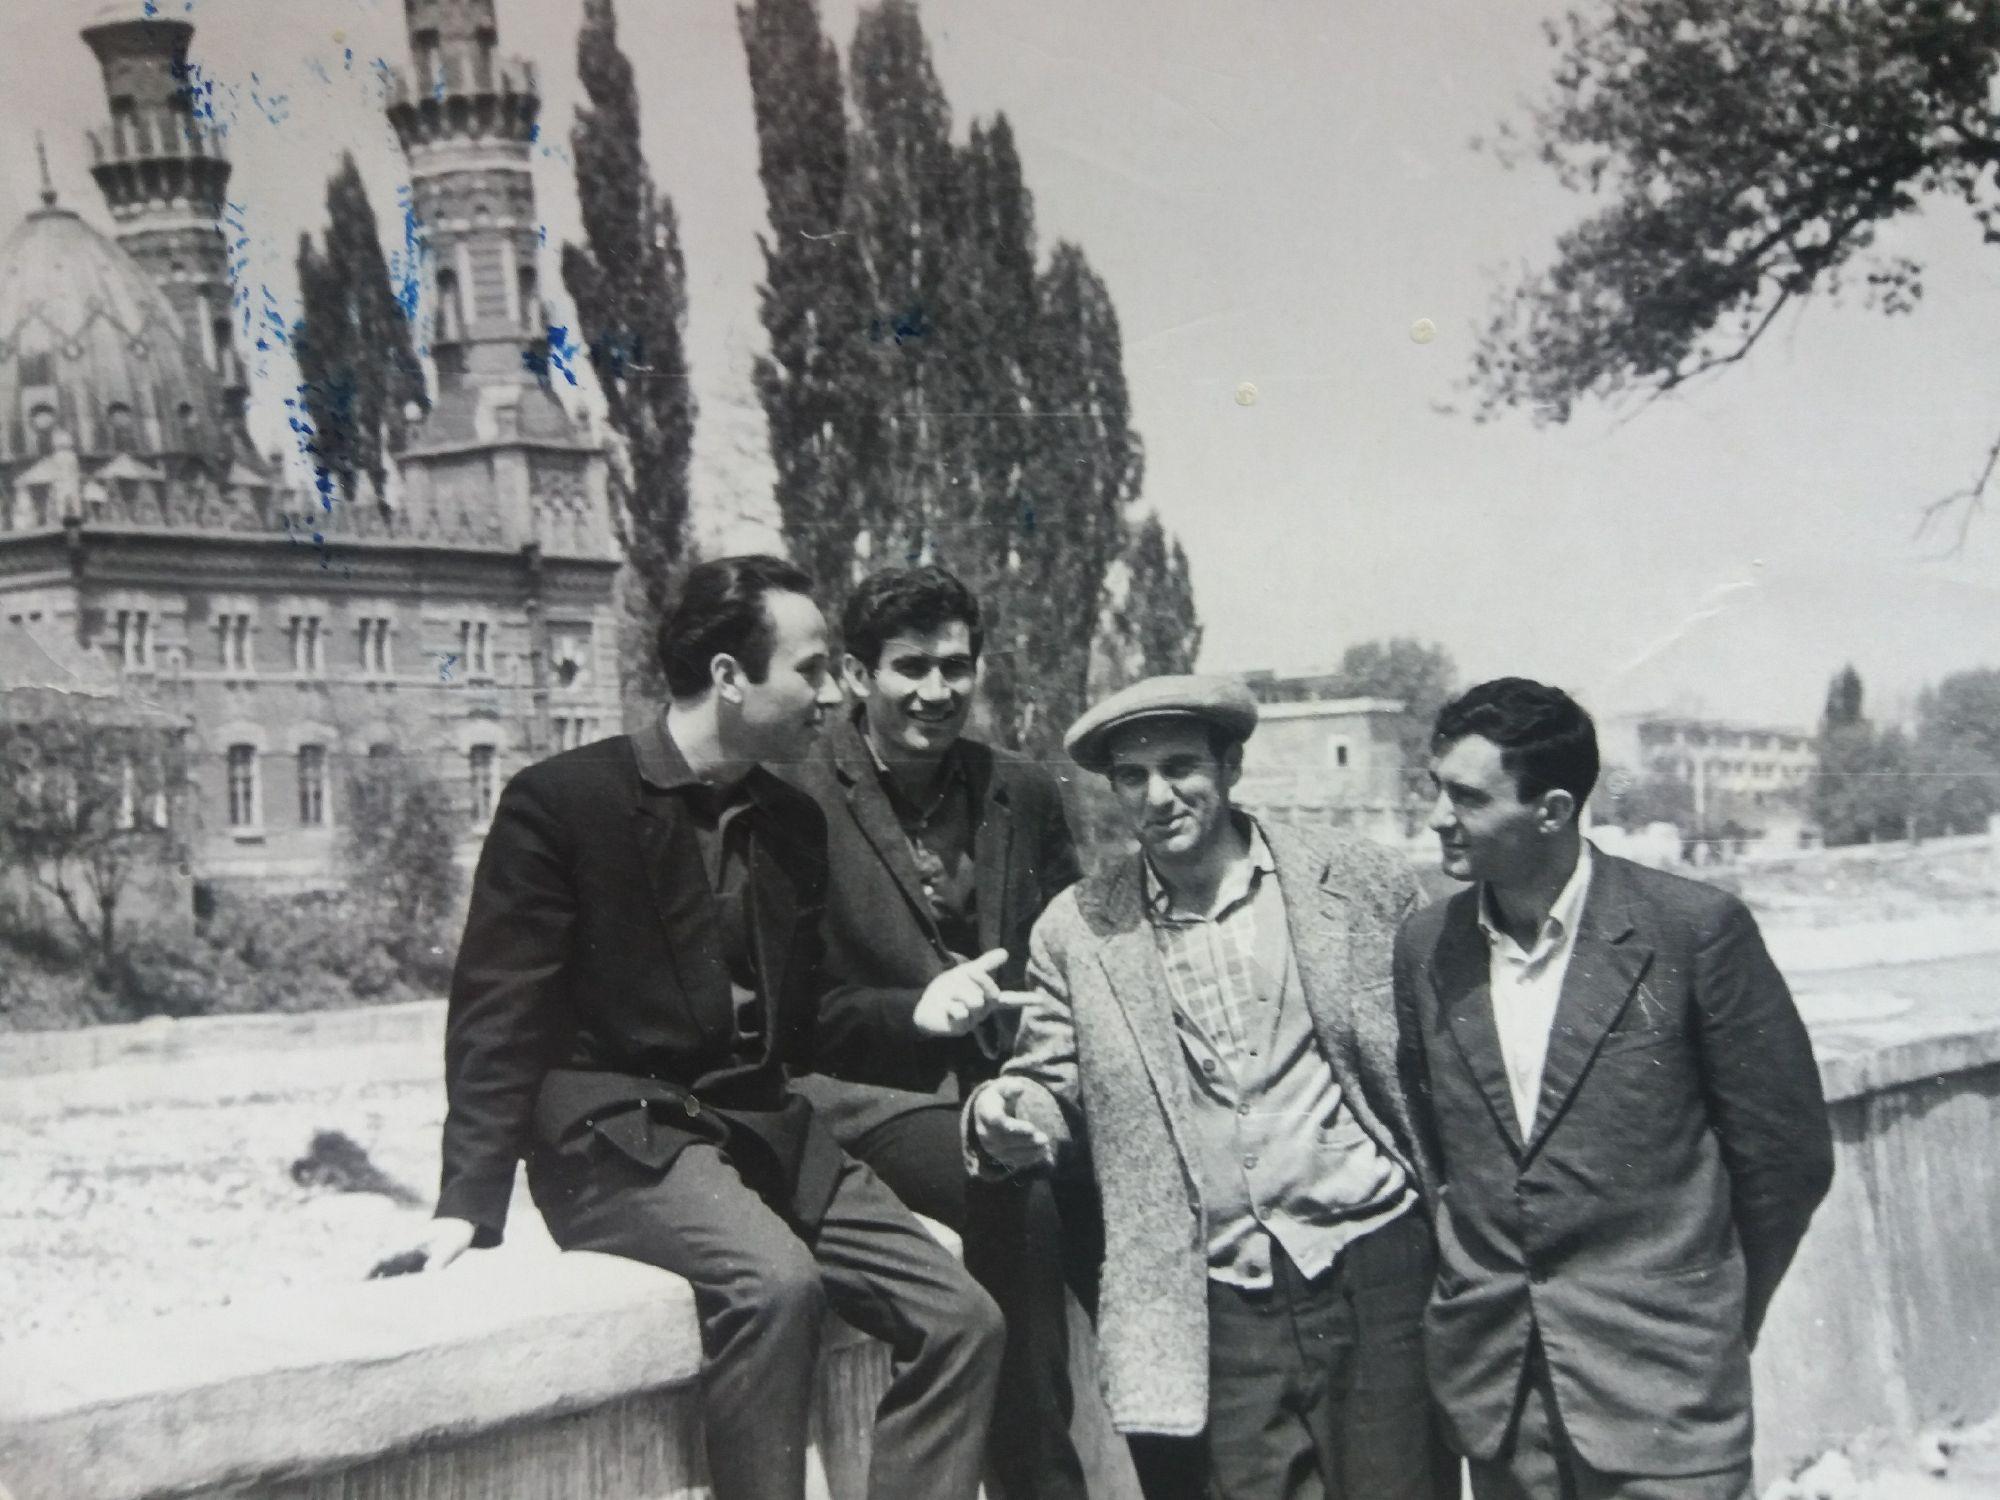 Мой отец (первый слева) с друзьями. Набережная Владикавказа. 60-е годы.